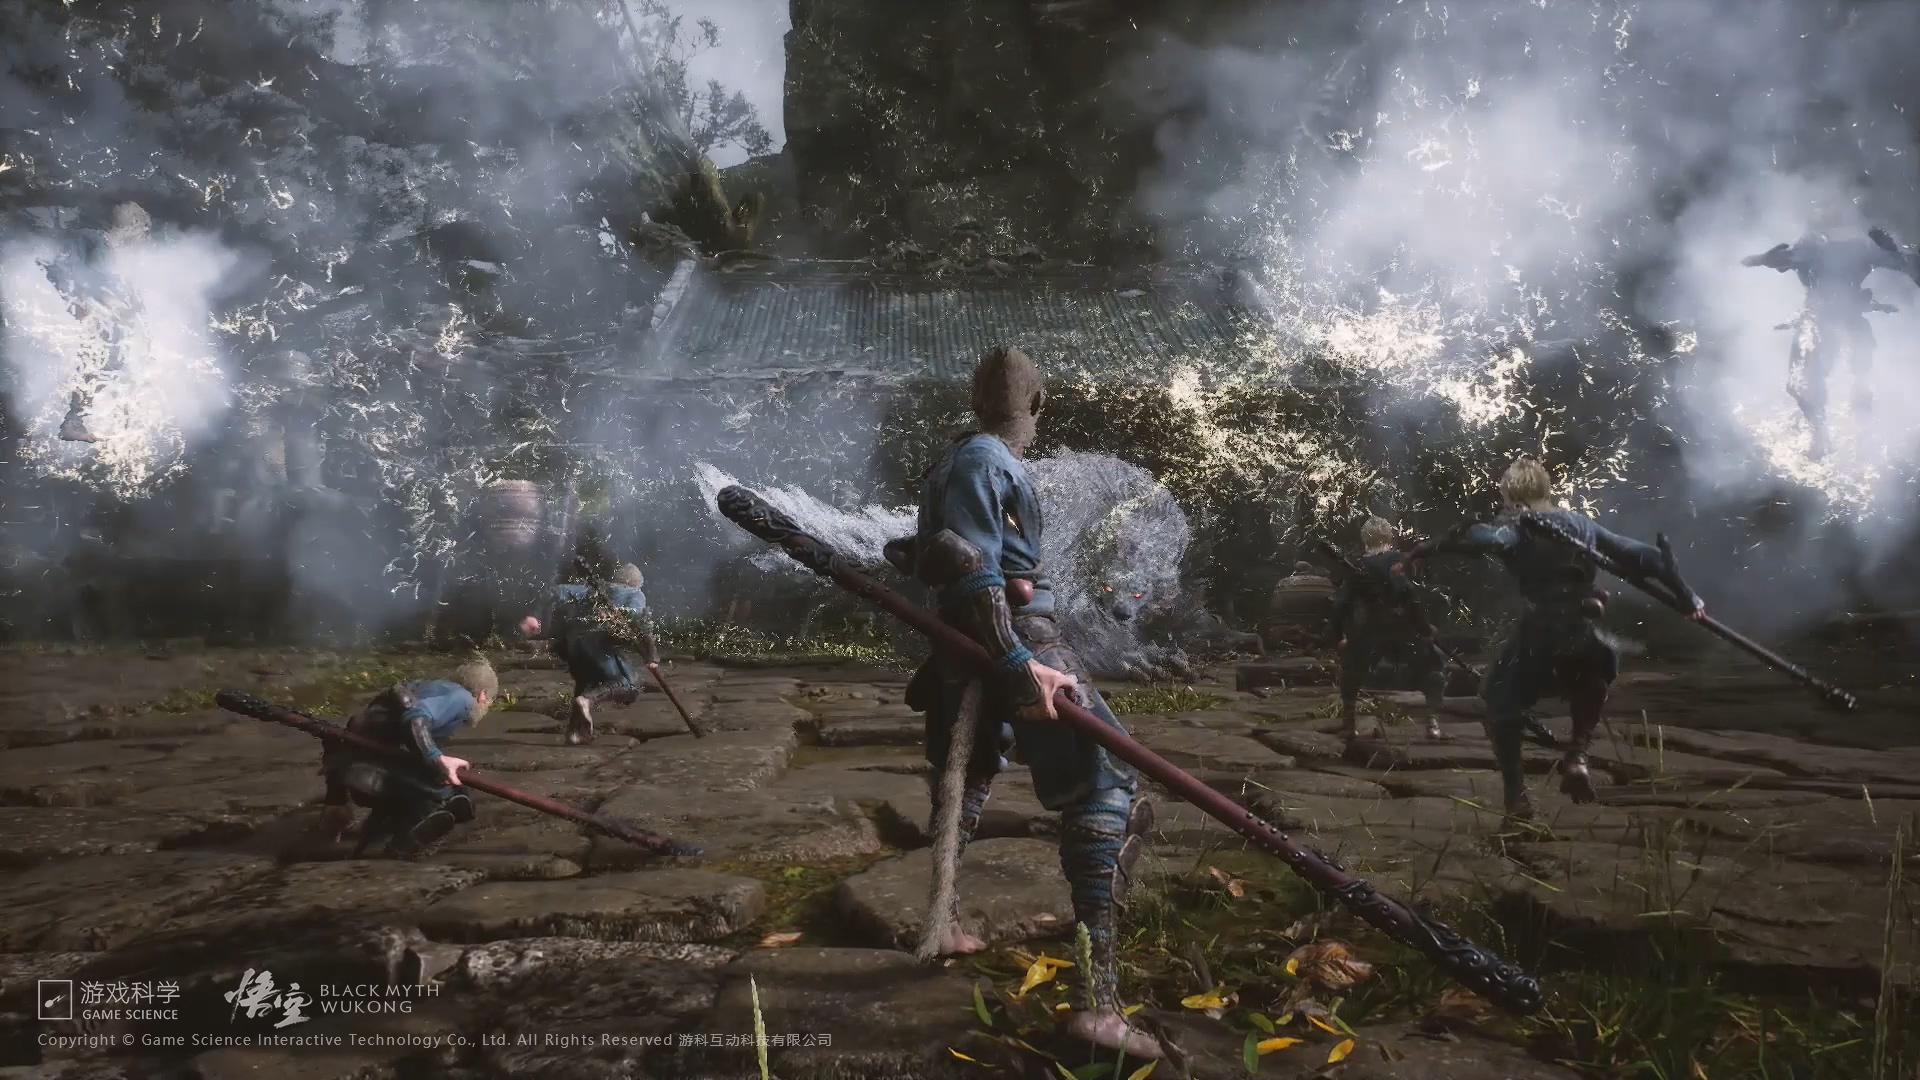 《黑神话:悟空》——西游题材·单机·动作·角色扮演游戏